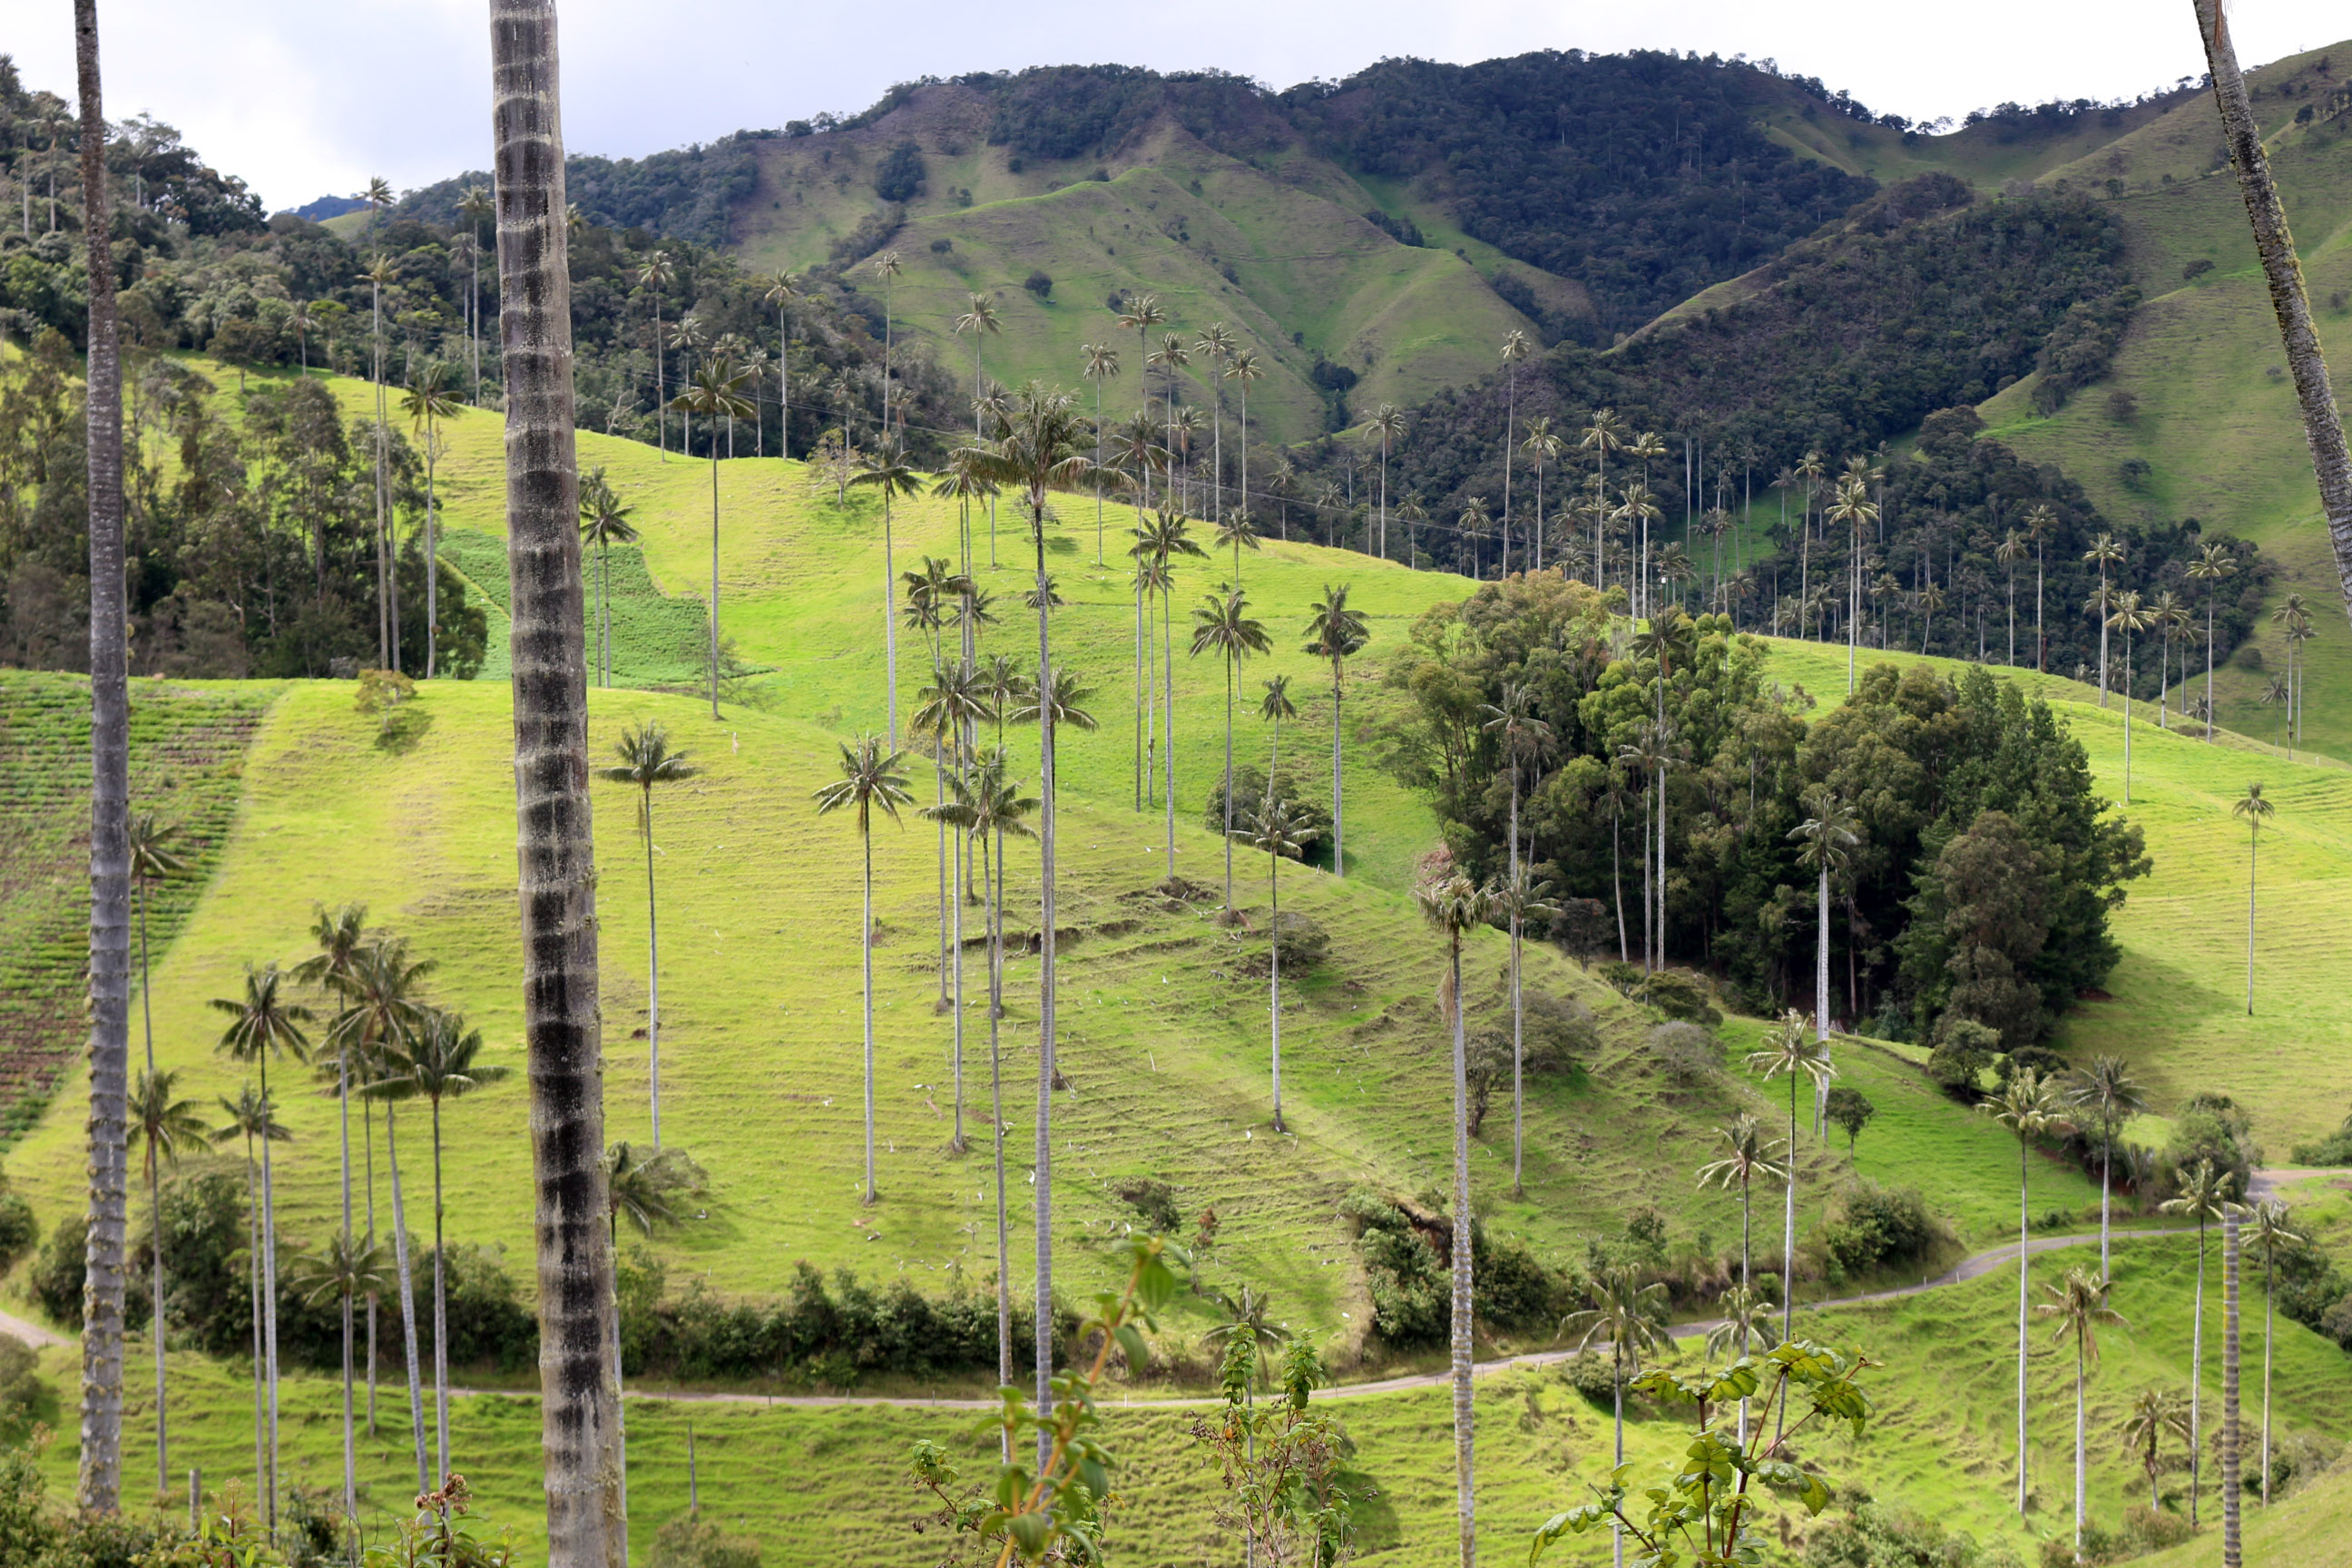 Les palmiers de cire de San Felix